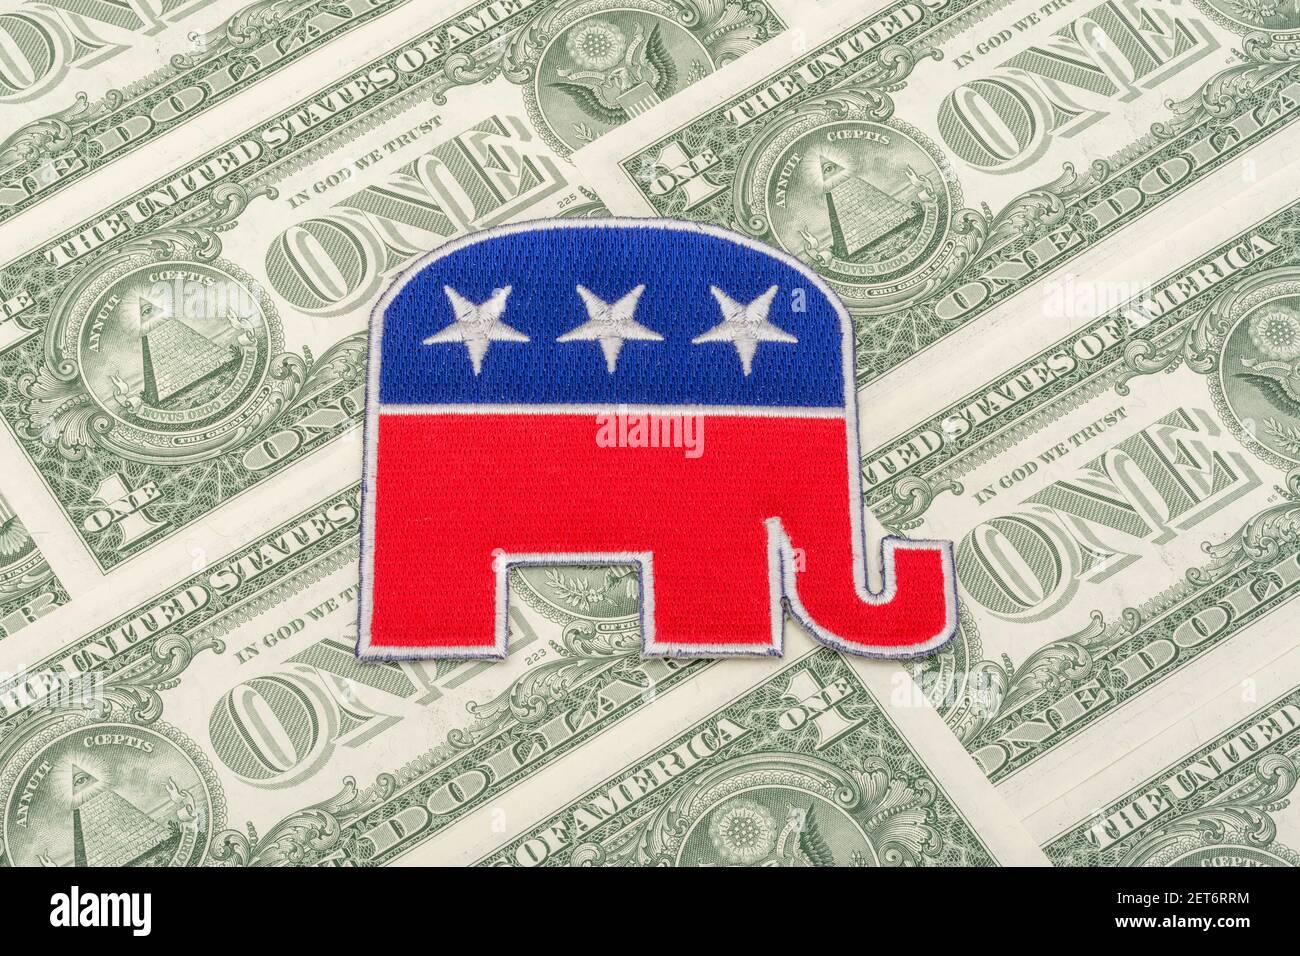 Badge de logo éléphant républicain GOP avec billets de 1 dollar US. Pour les collectes de fonds politiques et les fonds de campagne républicains aux États-Unis, les petits donateurs de dollars. Banque D'Images